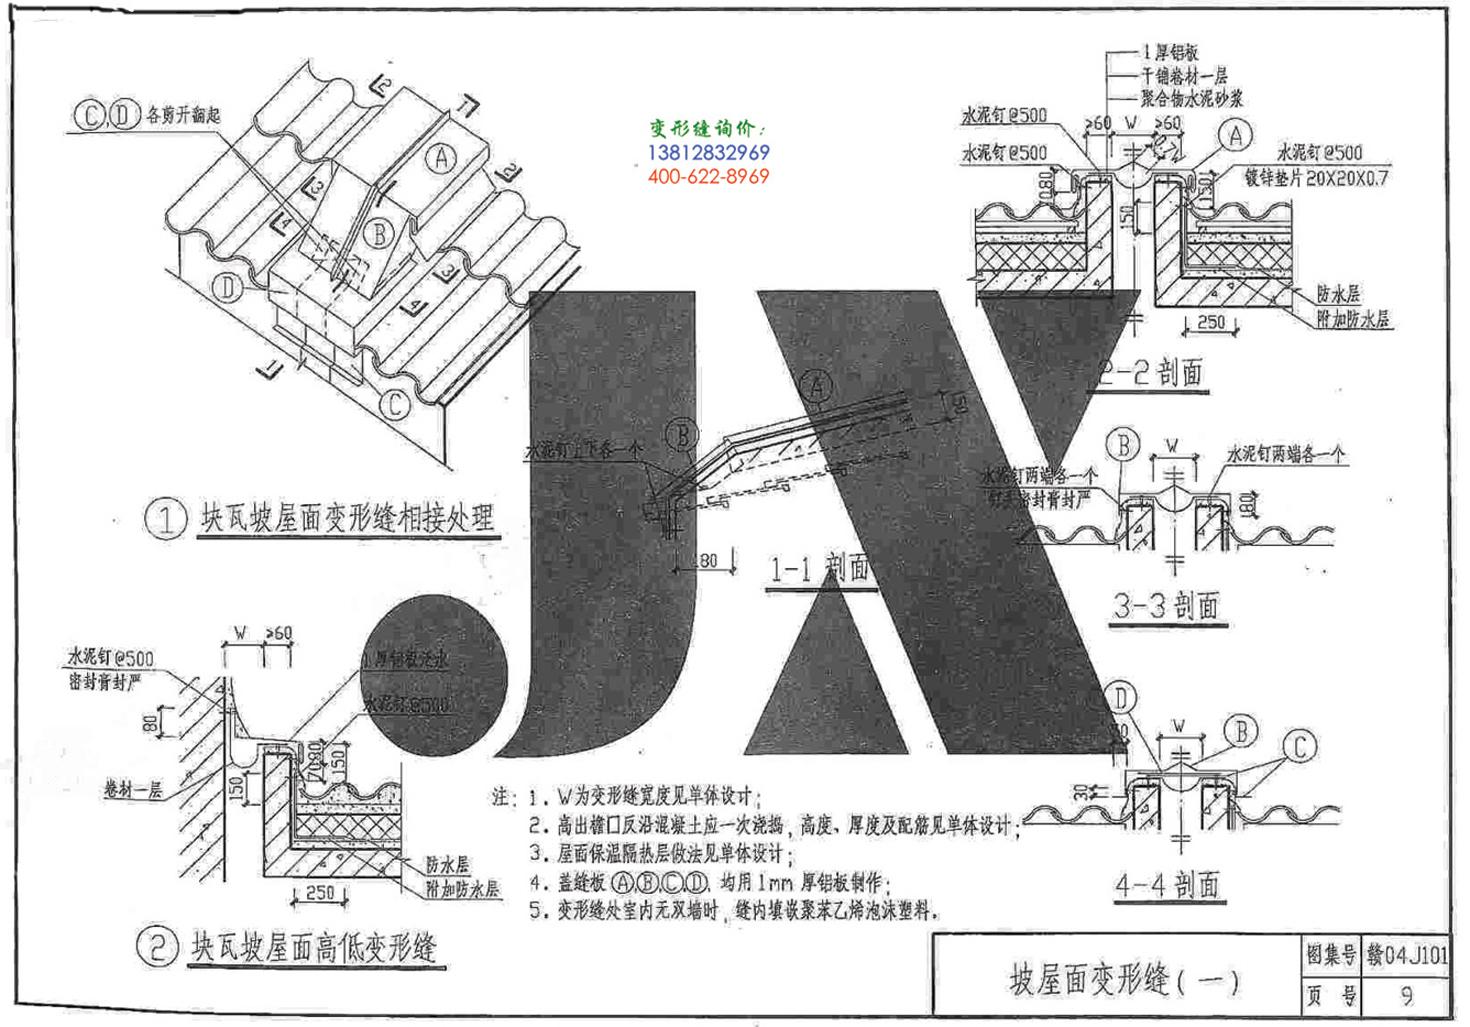 赣04J101变形缝图集p9